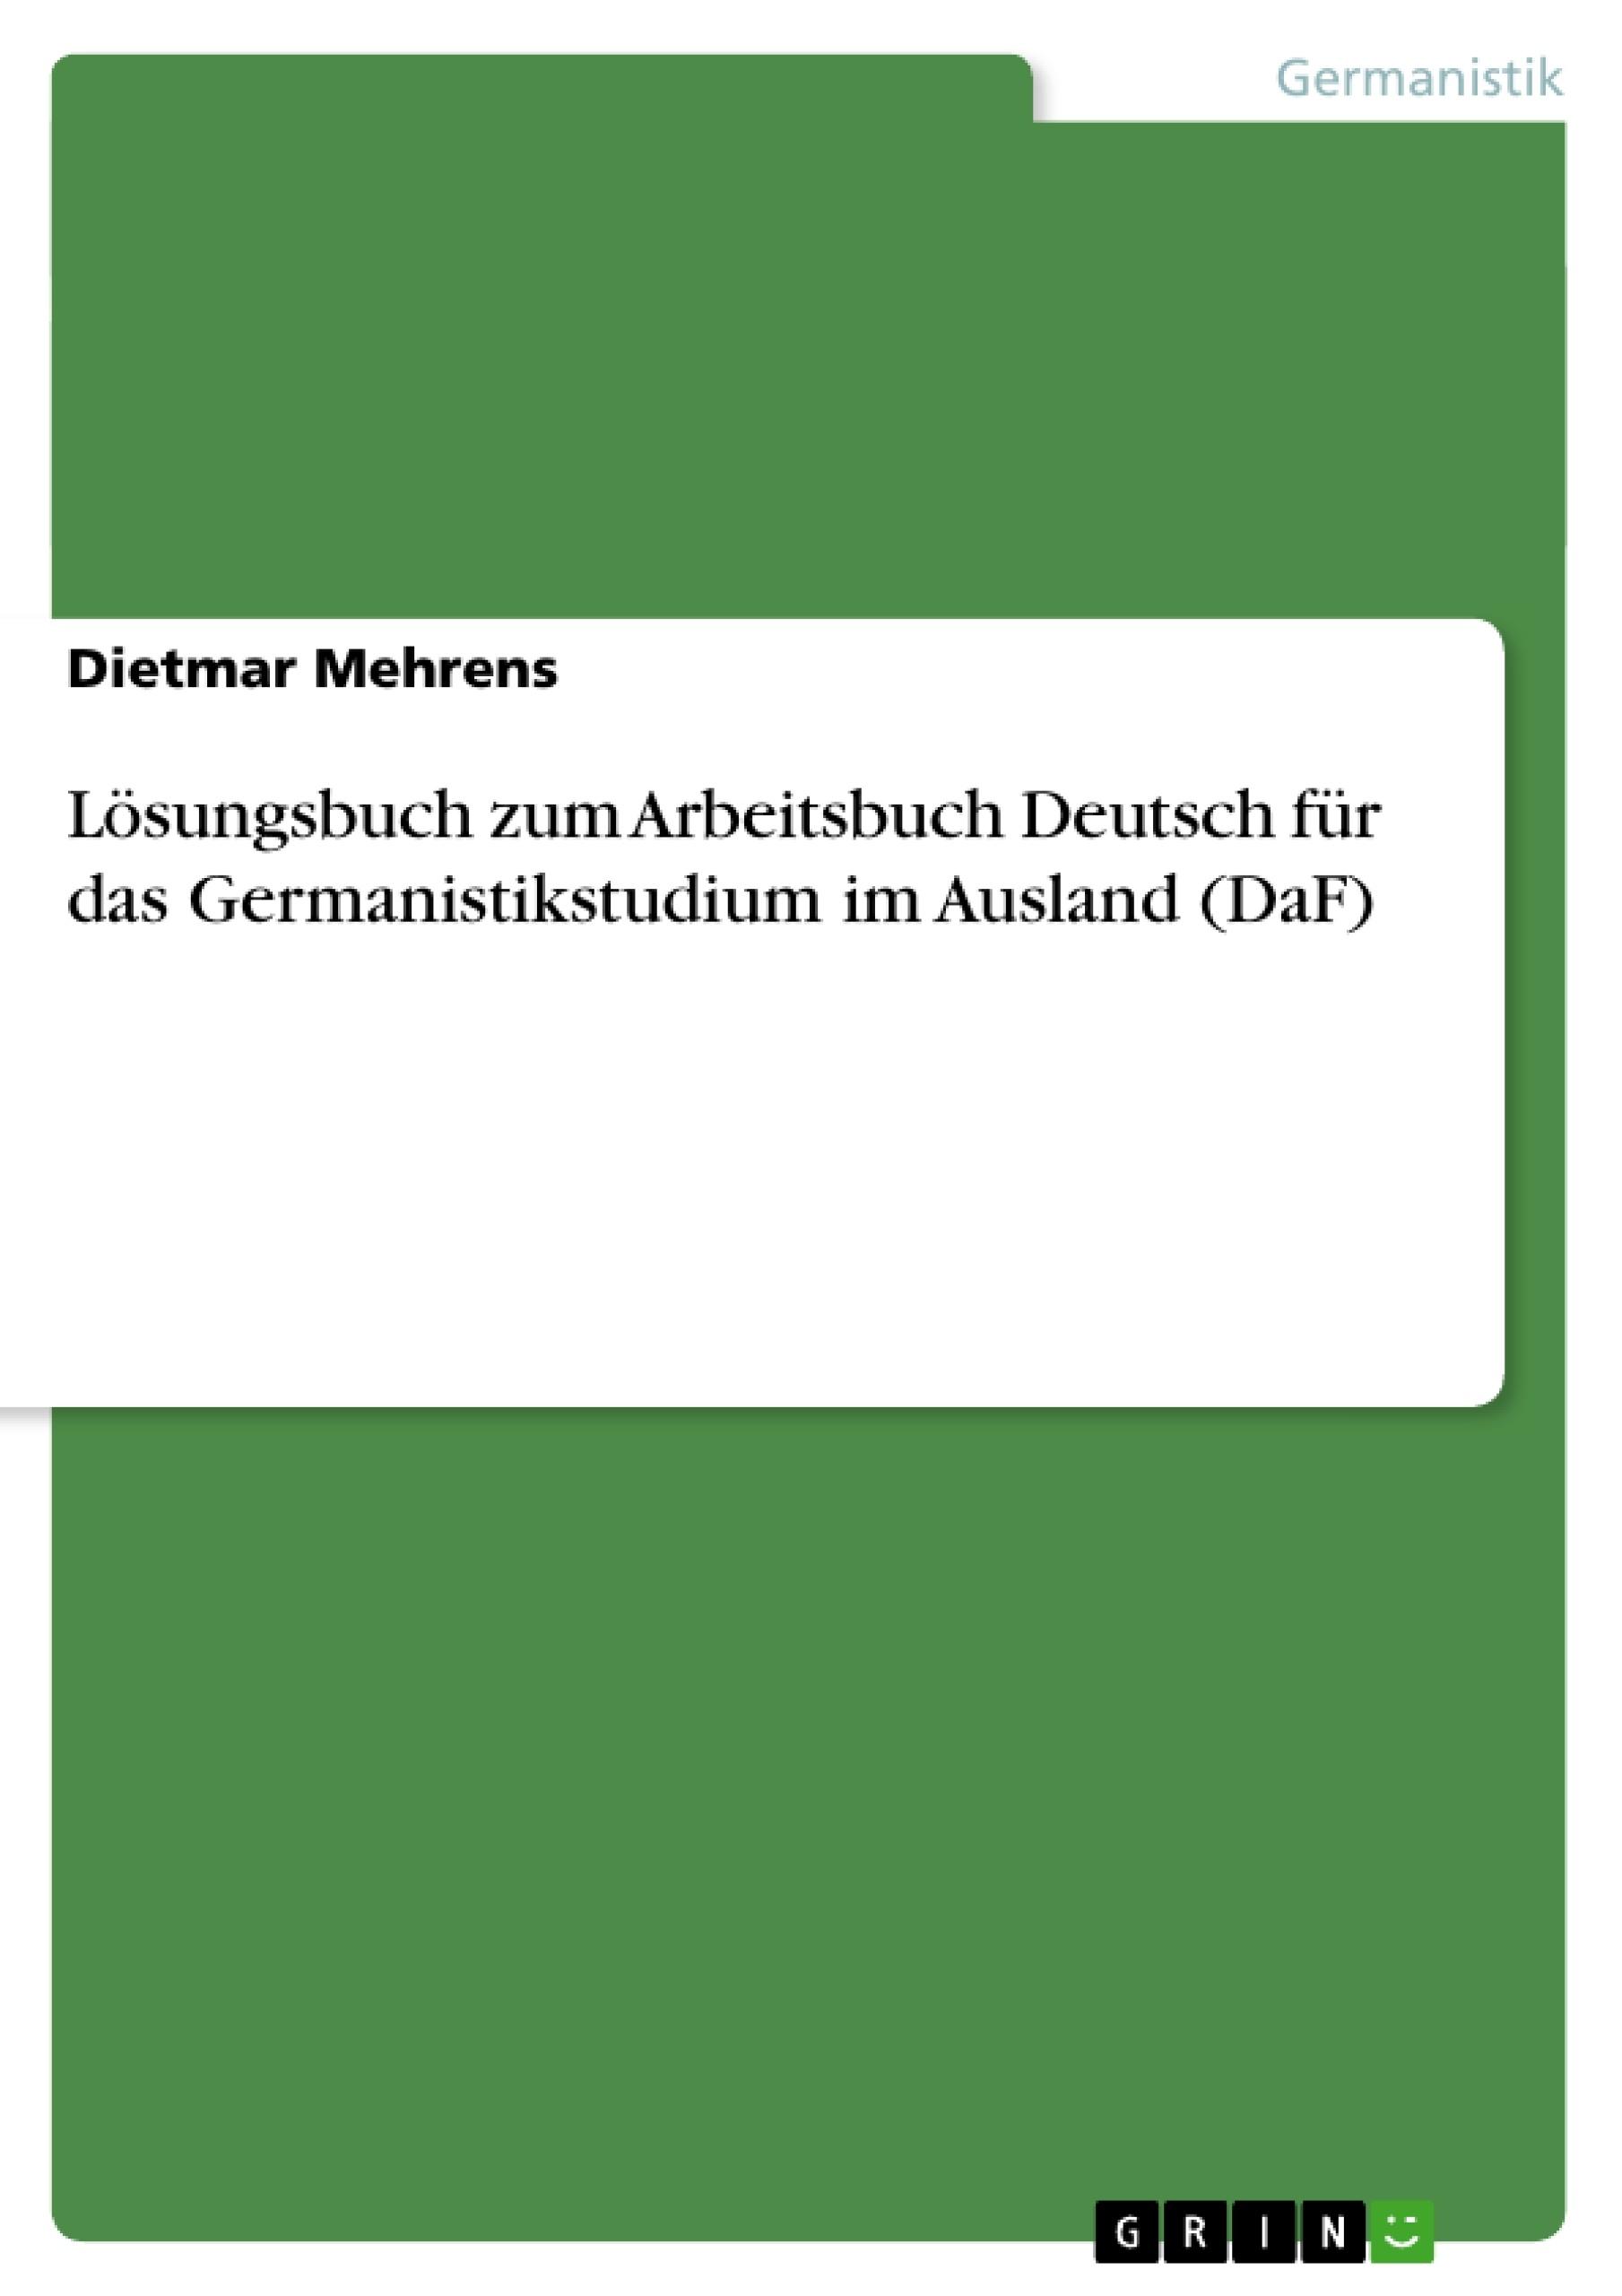 Titel: Lösungsbuch zum Arbeitsbuch Deutsch für das Germanistikstudium im Ausland (DaF)